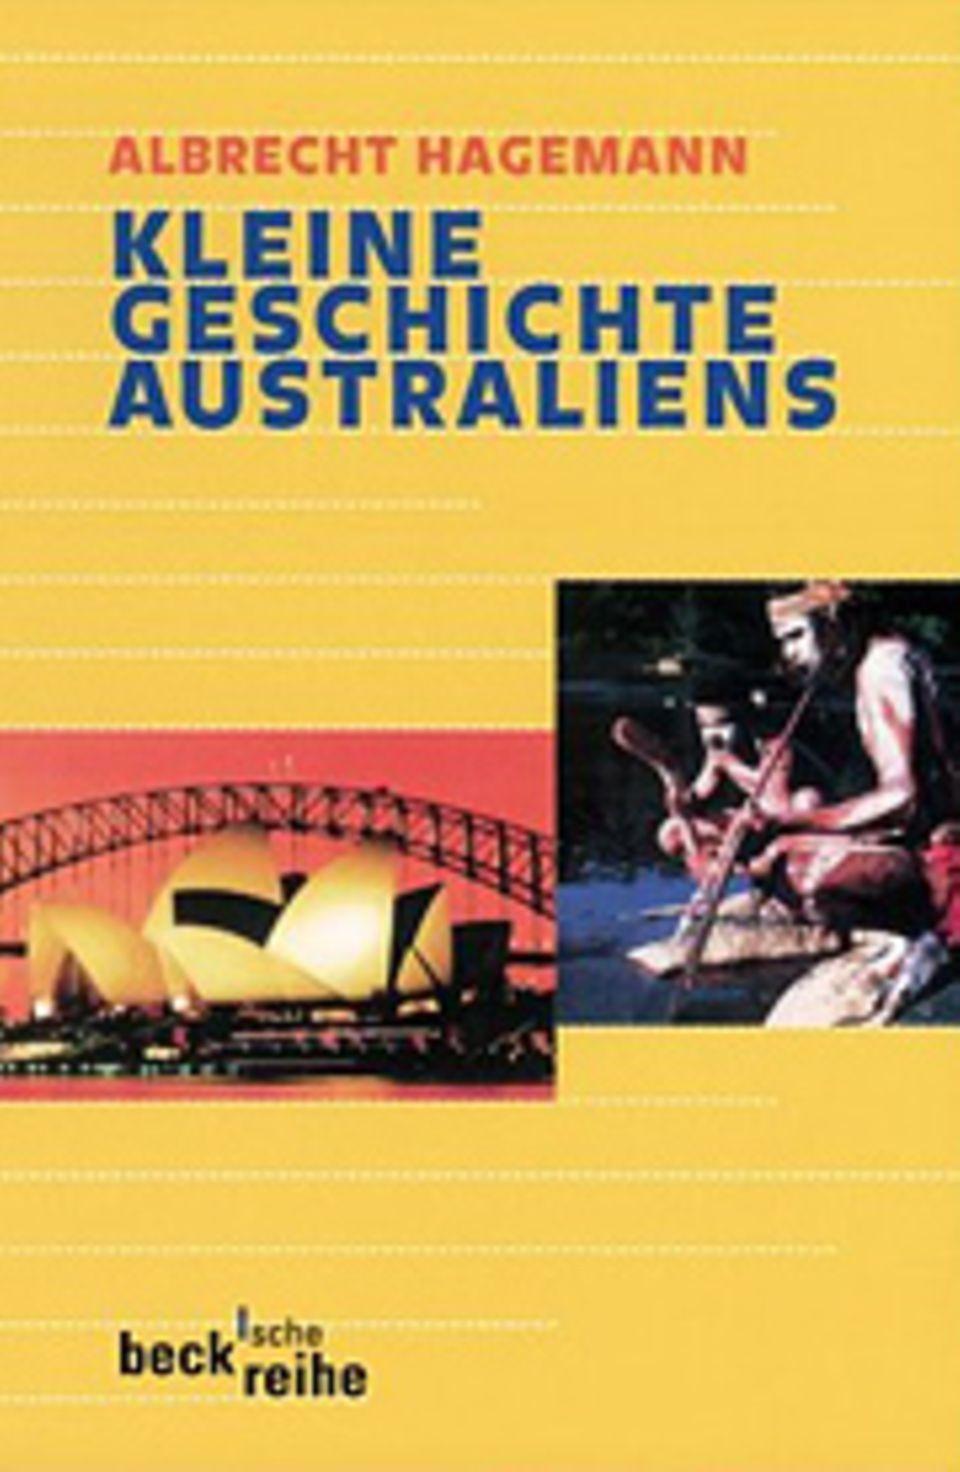 GEOEPOCHE-Buchtipps: Australien